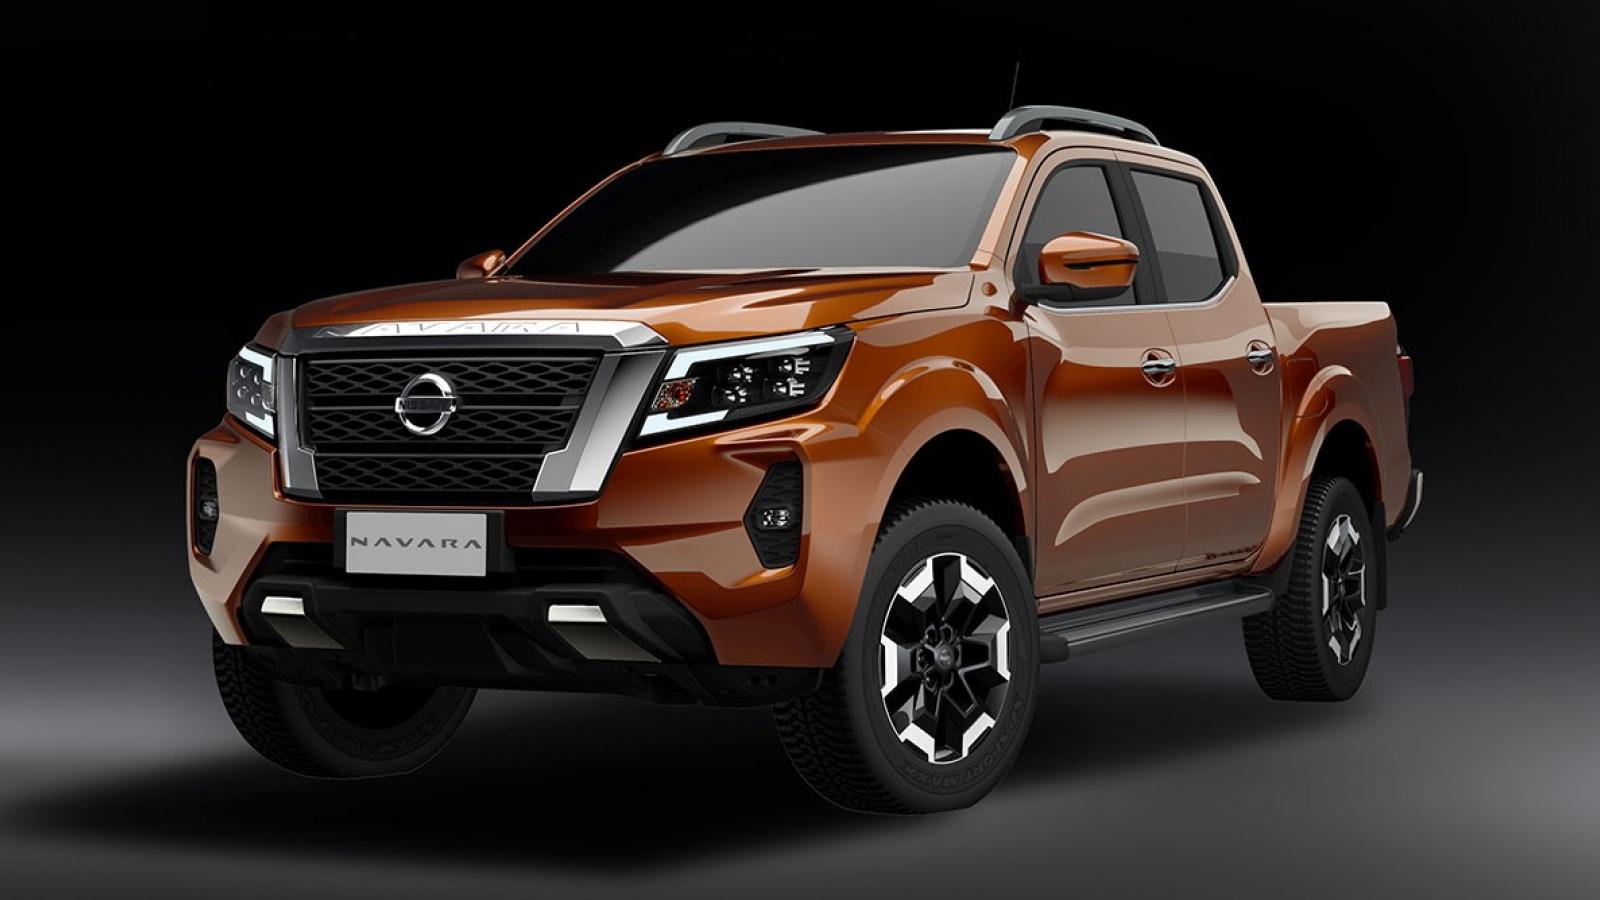 Nissan Navara 2021 thay đổi từ trong ra ngoài, giá từ 748 triệu đồng